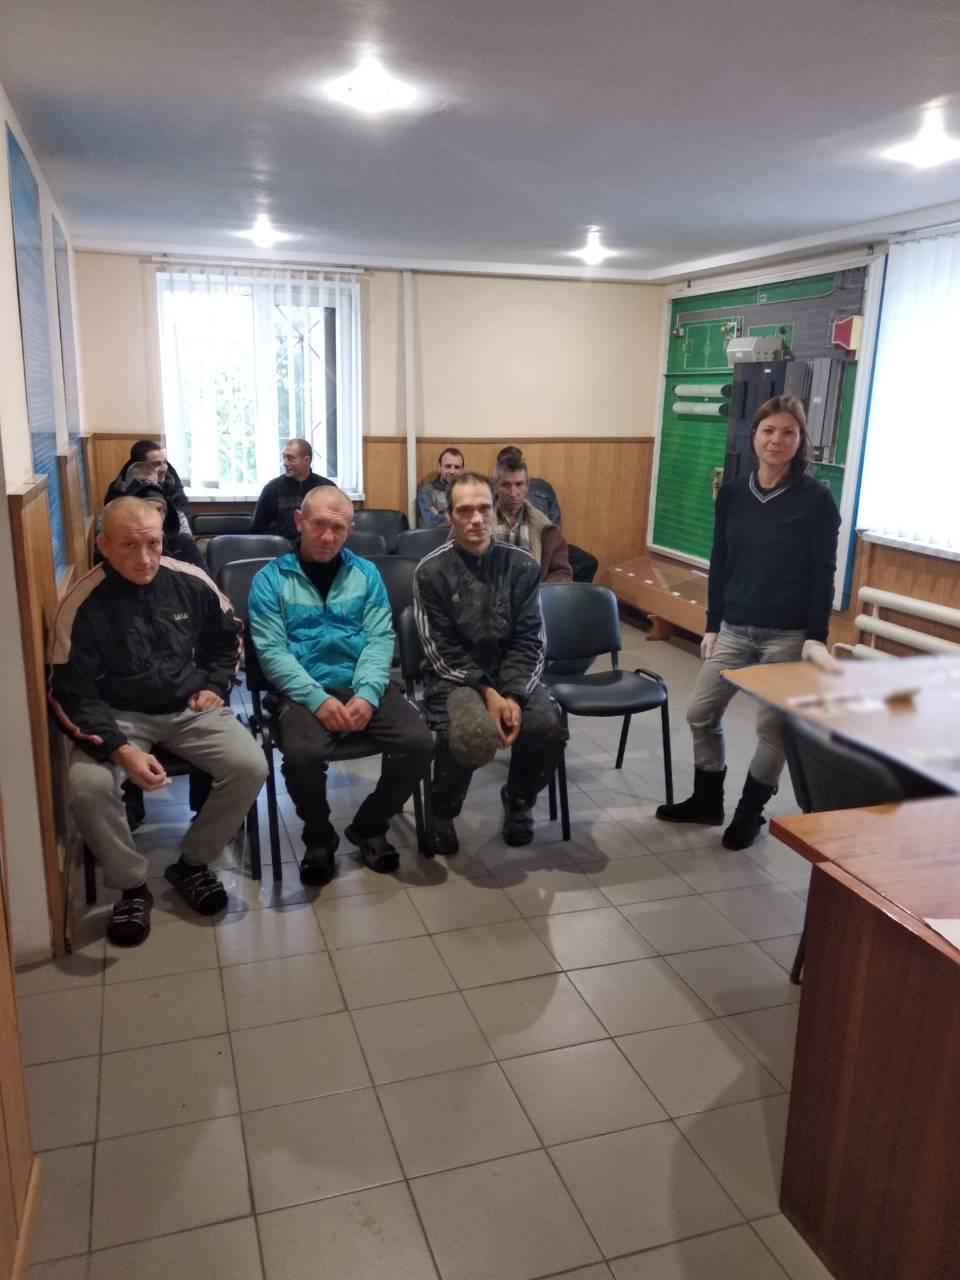 Послугам проекту «Заради життя» («Serving life») у Запорізькій області з 2018 року можуть користуватися і засуджені/ув'язнені виправних центрів.